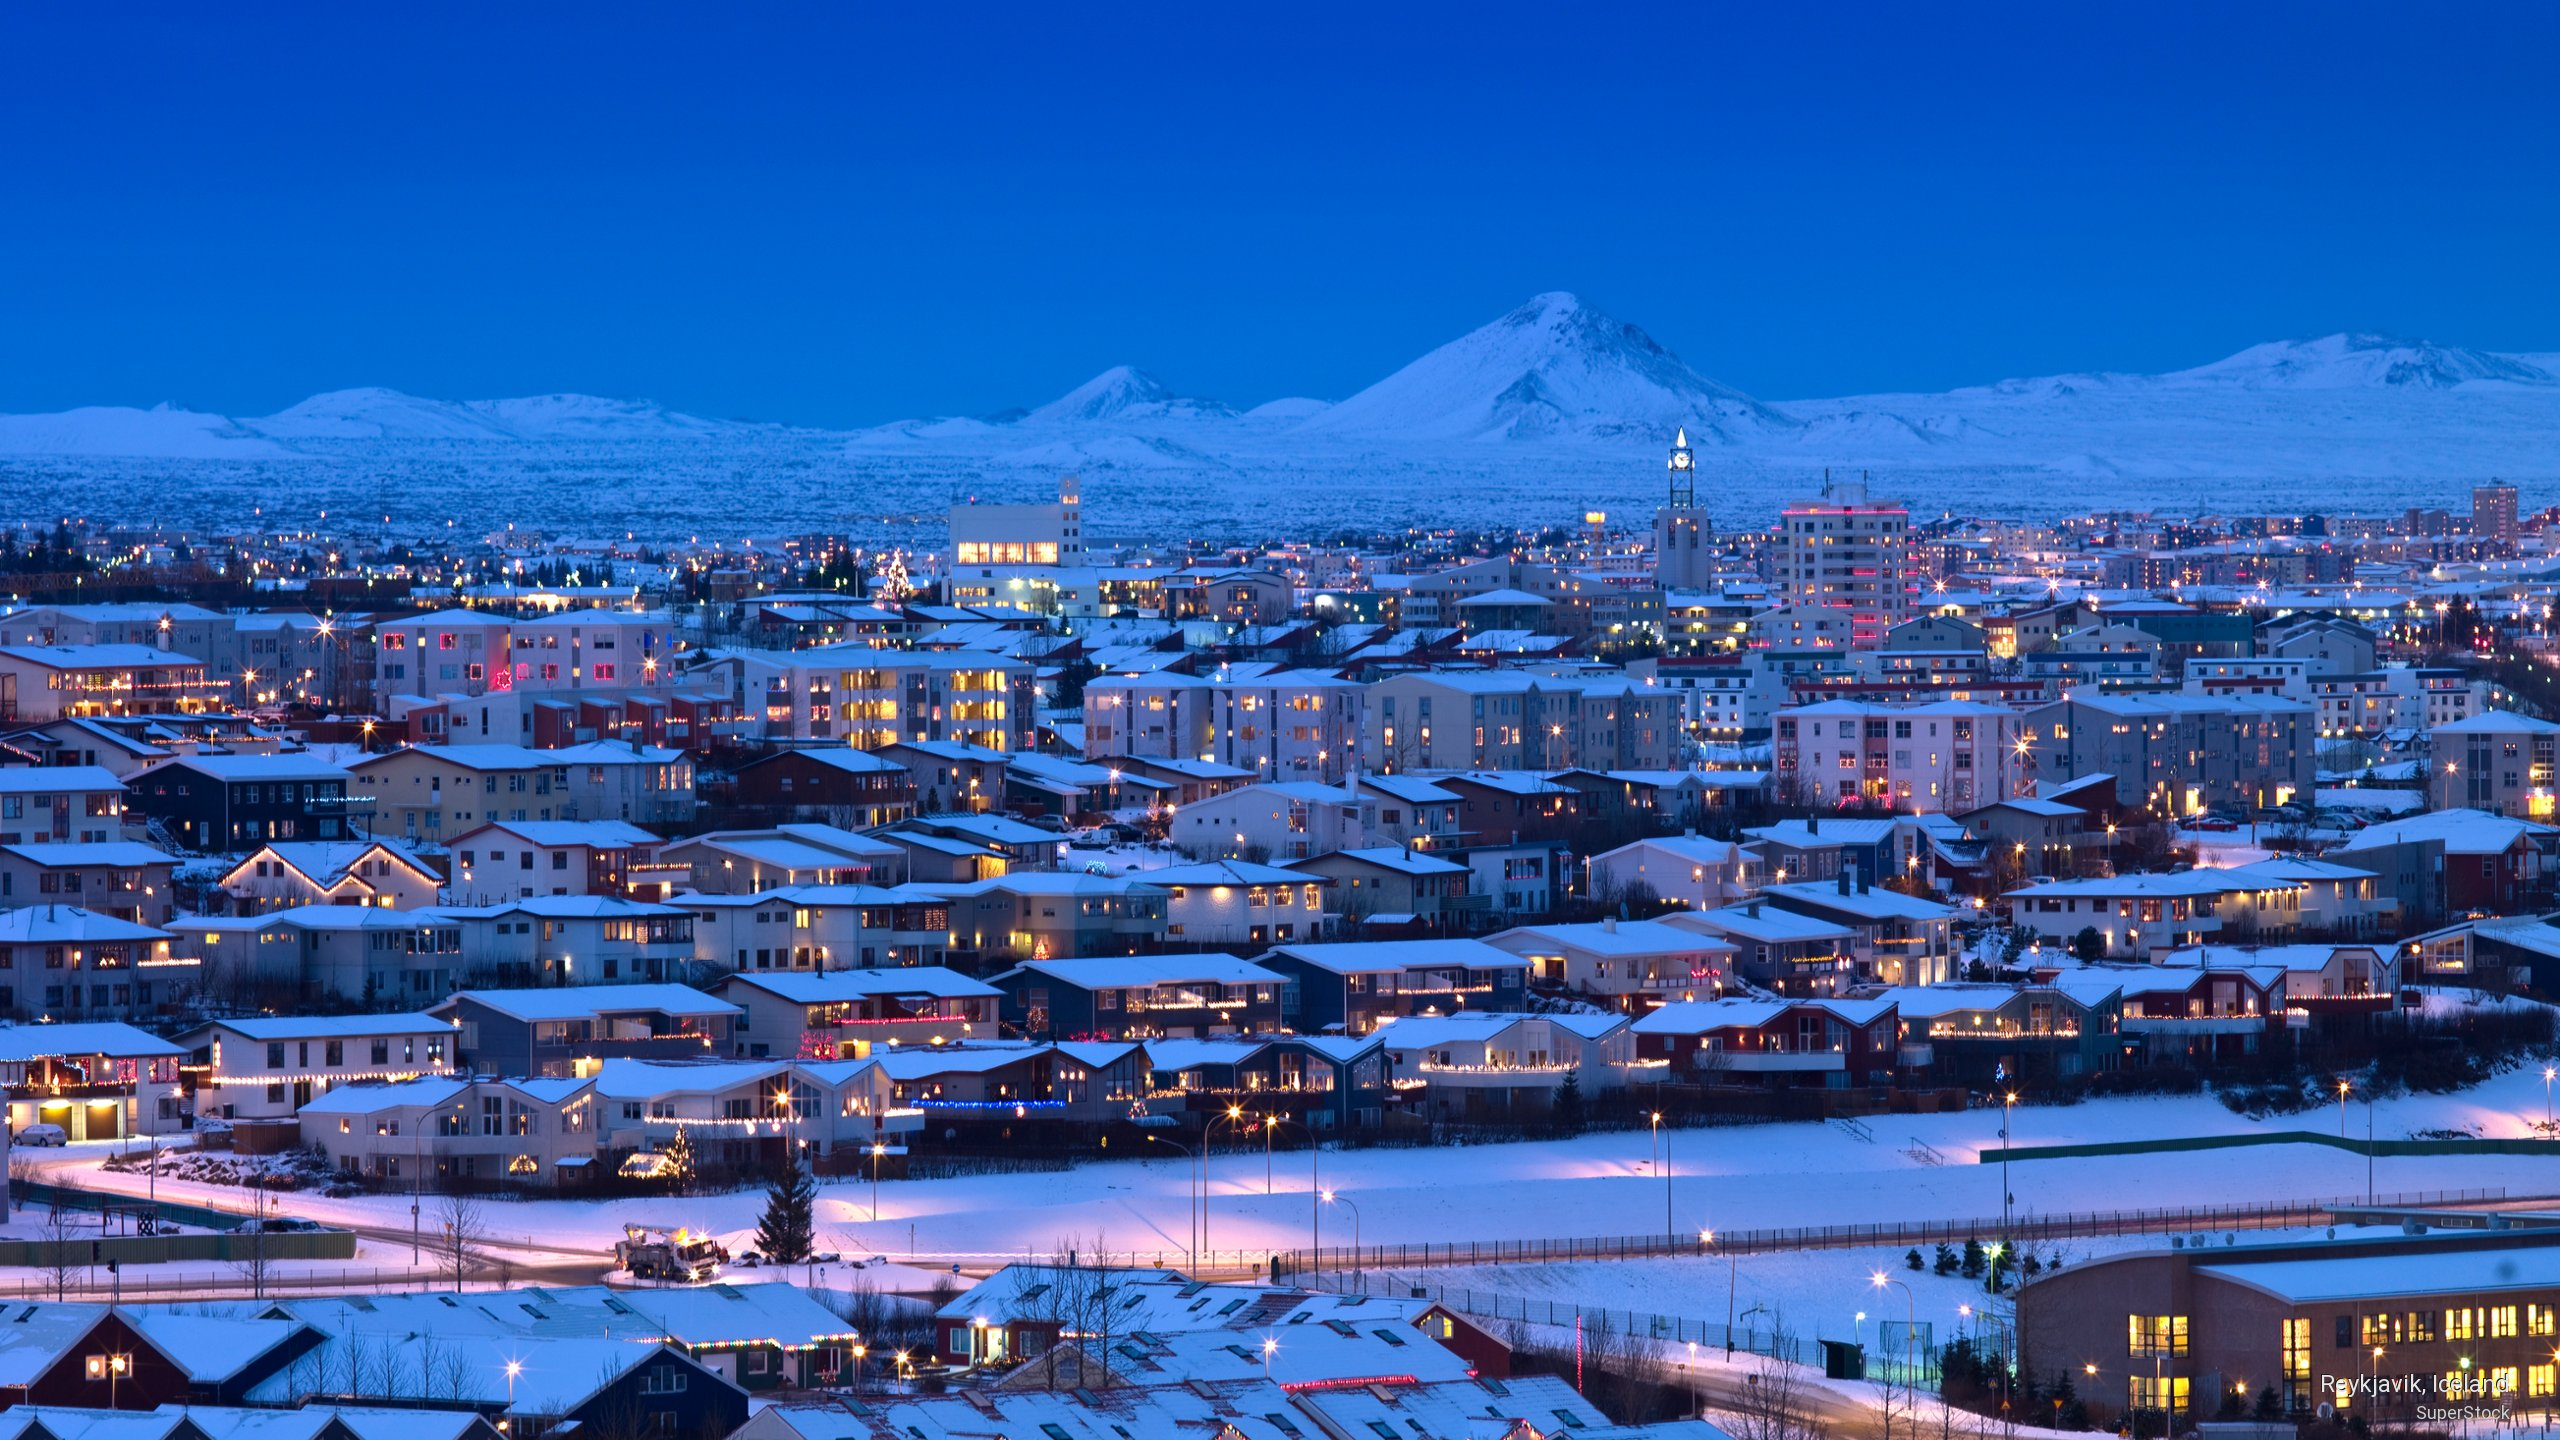 reykjavik 3840x2160